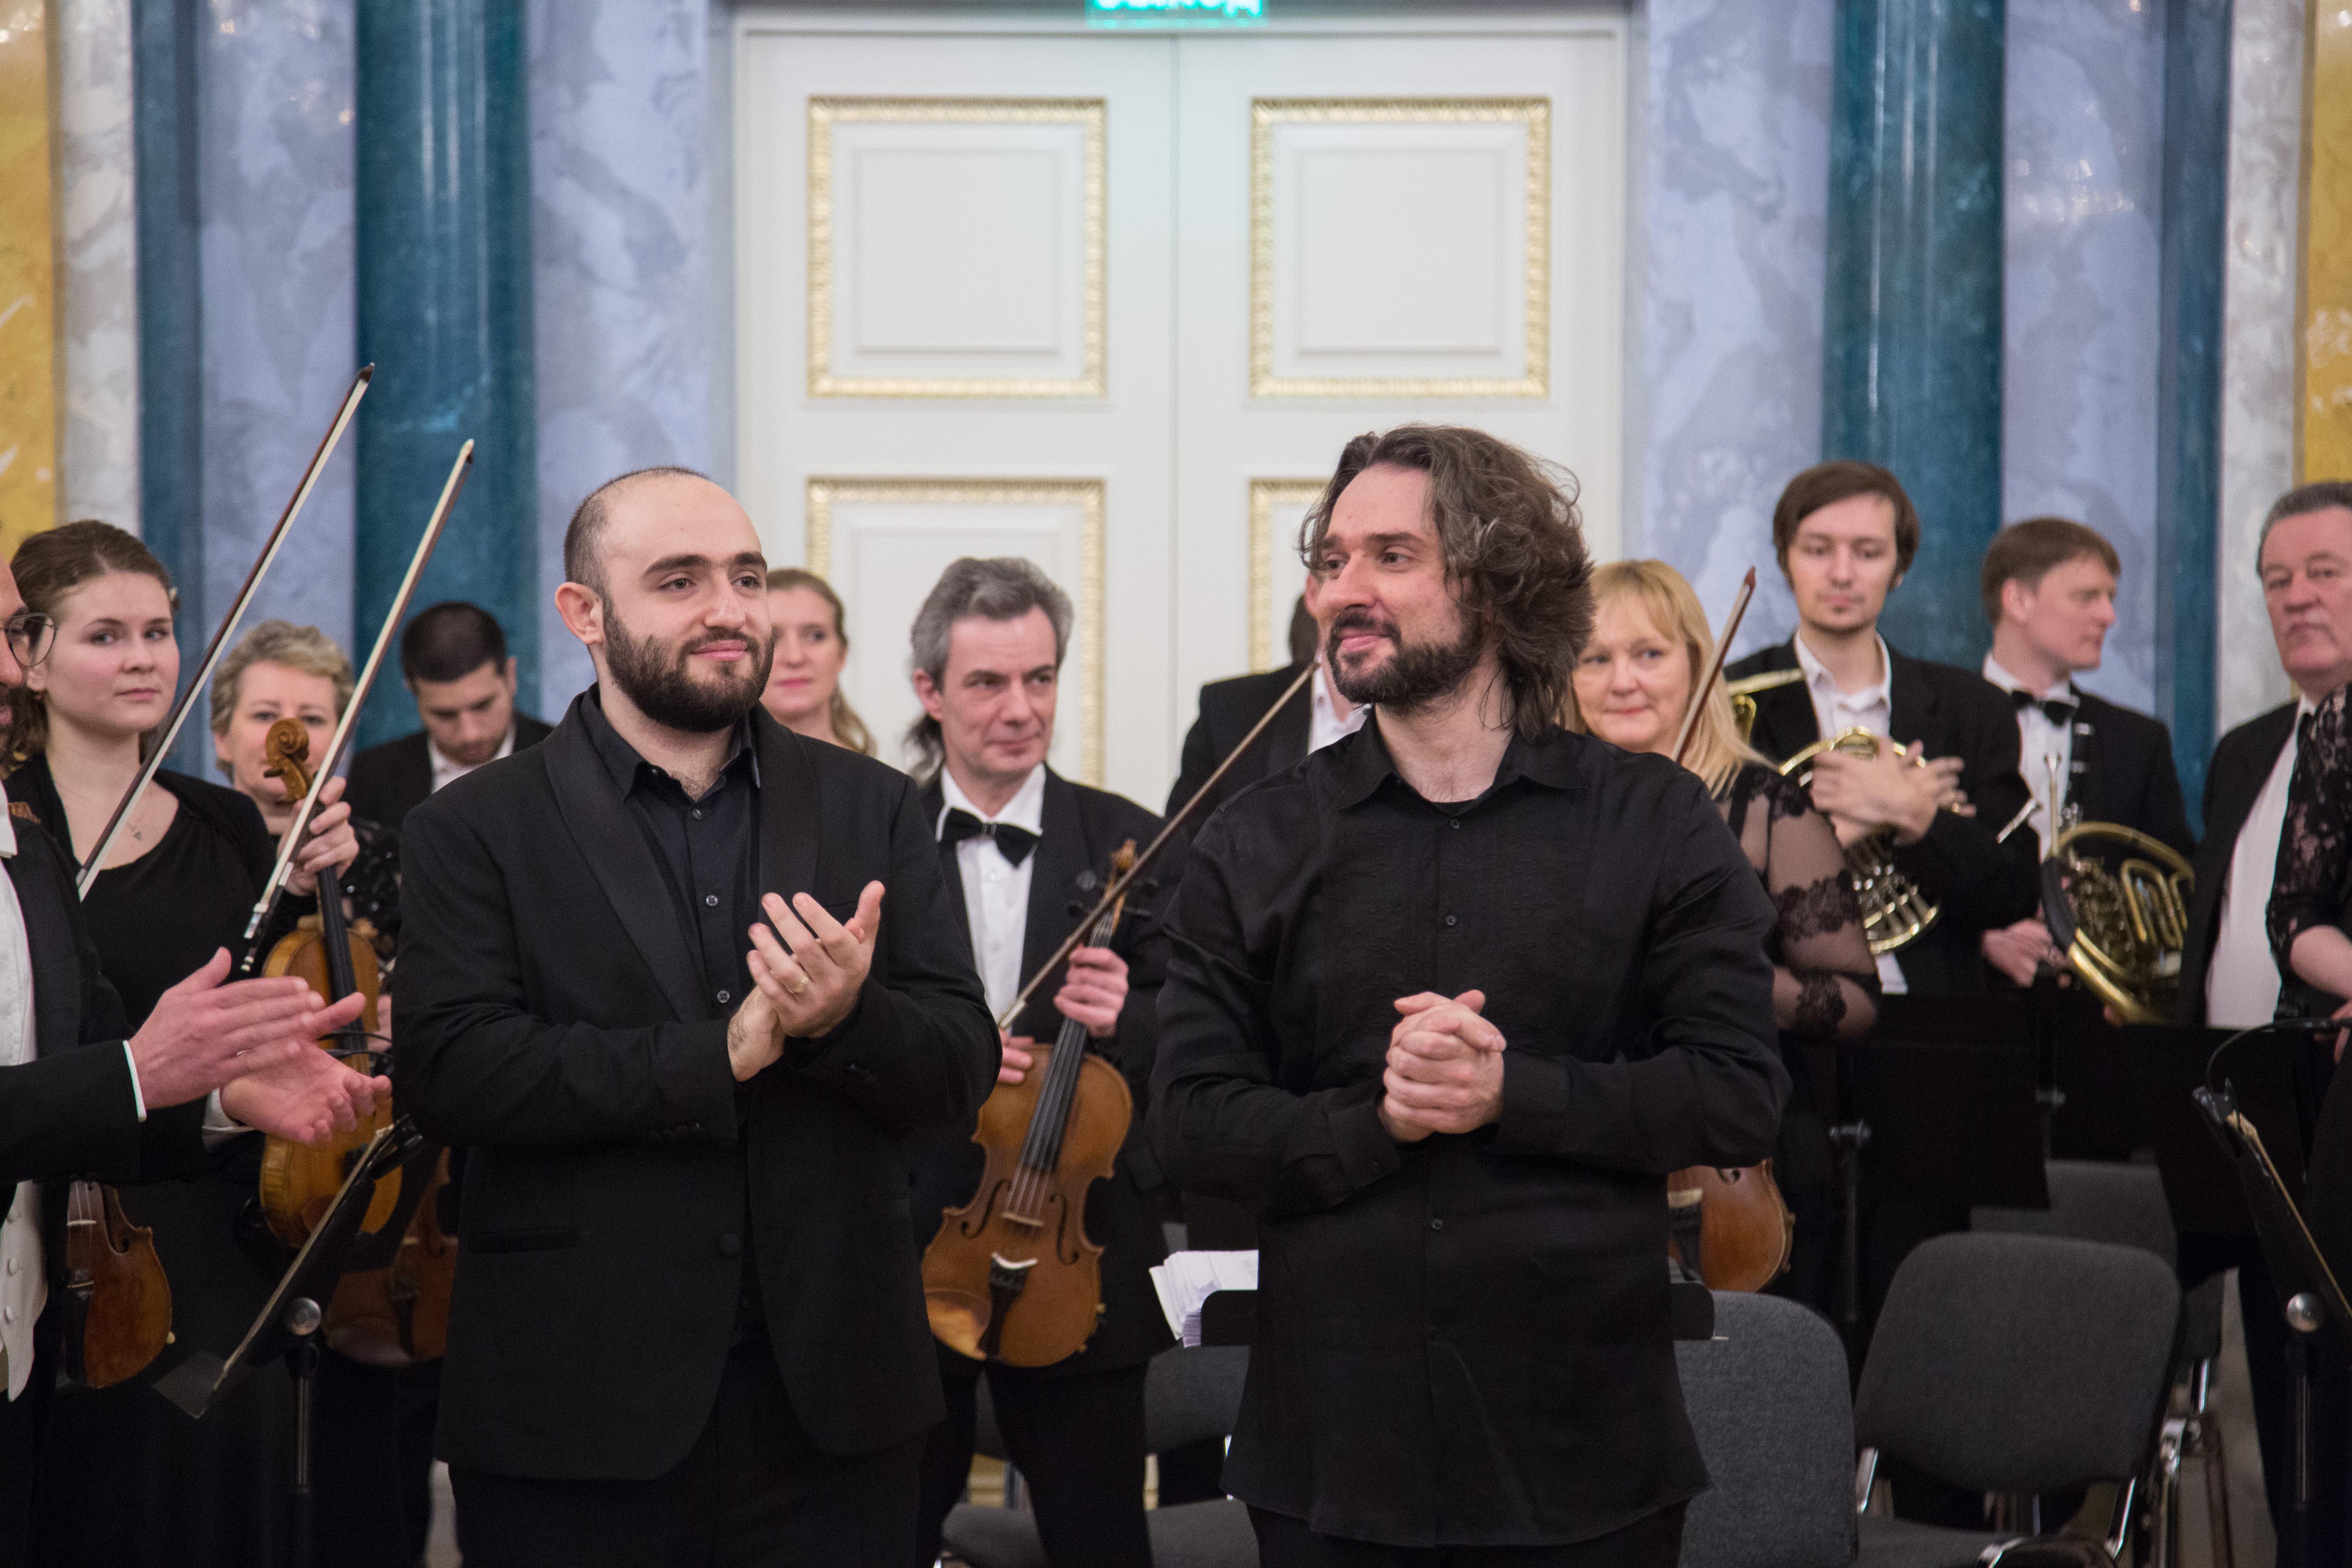 фестиваль дворцы санкт петербурга фото предназначен